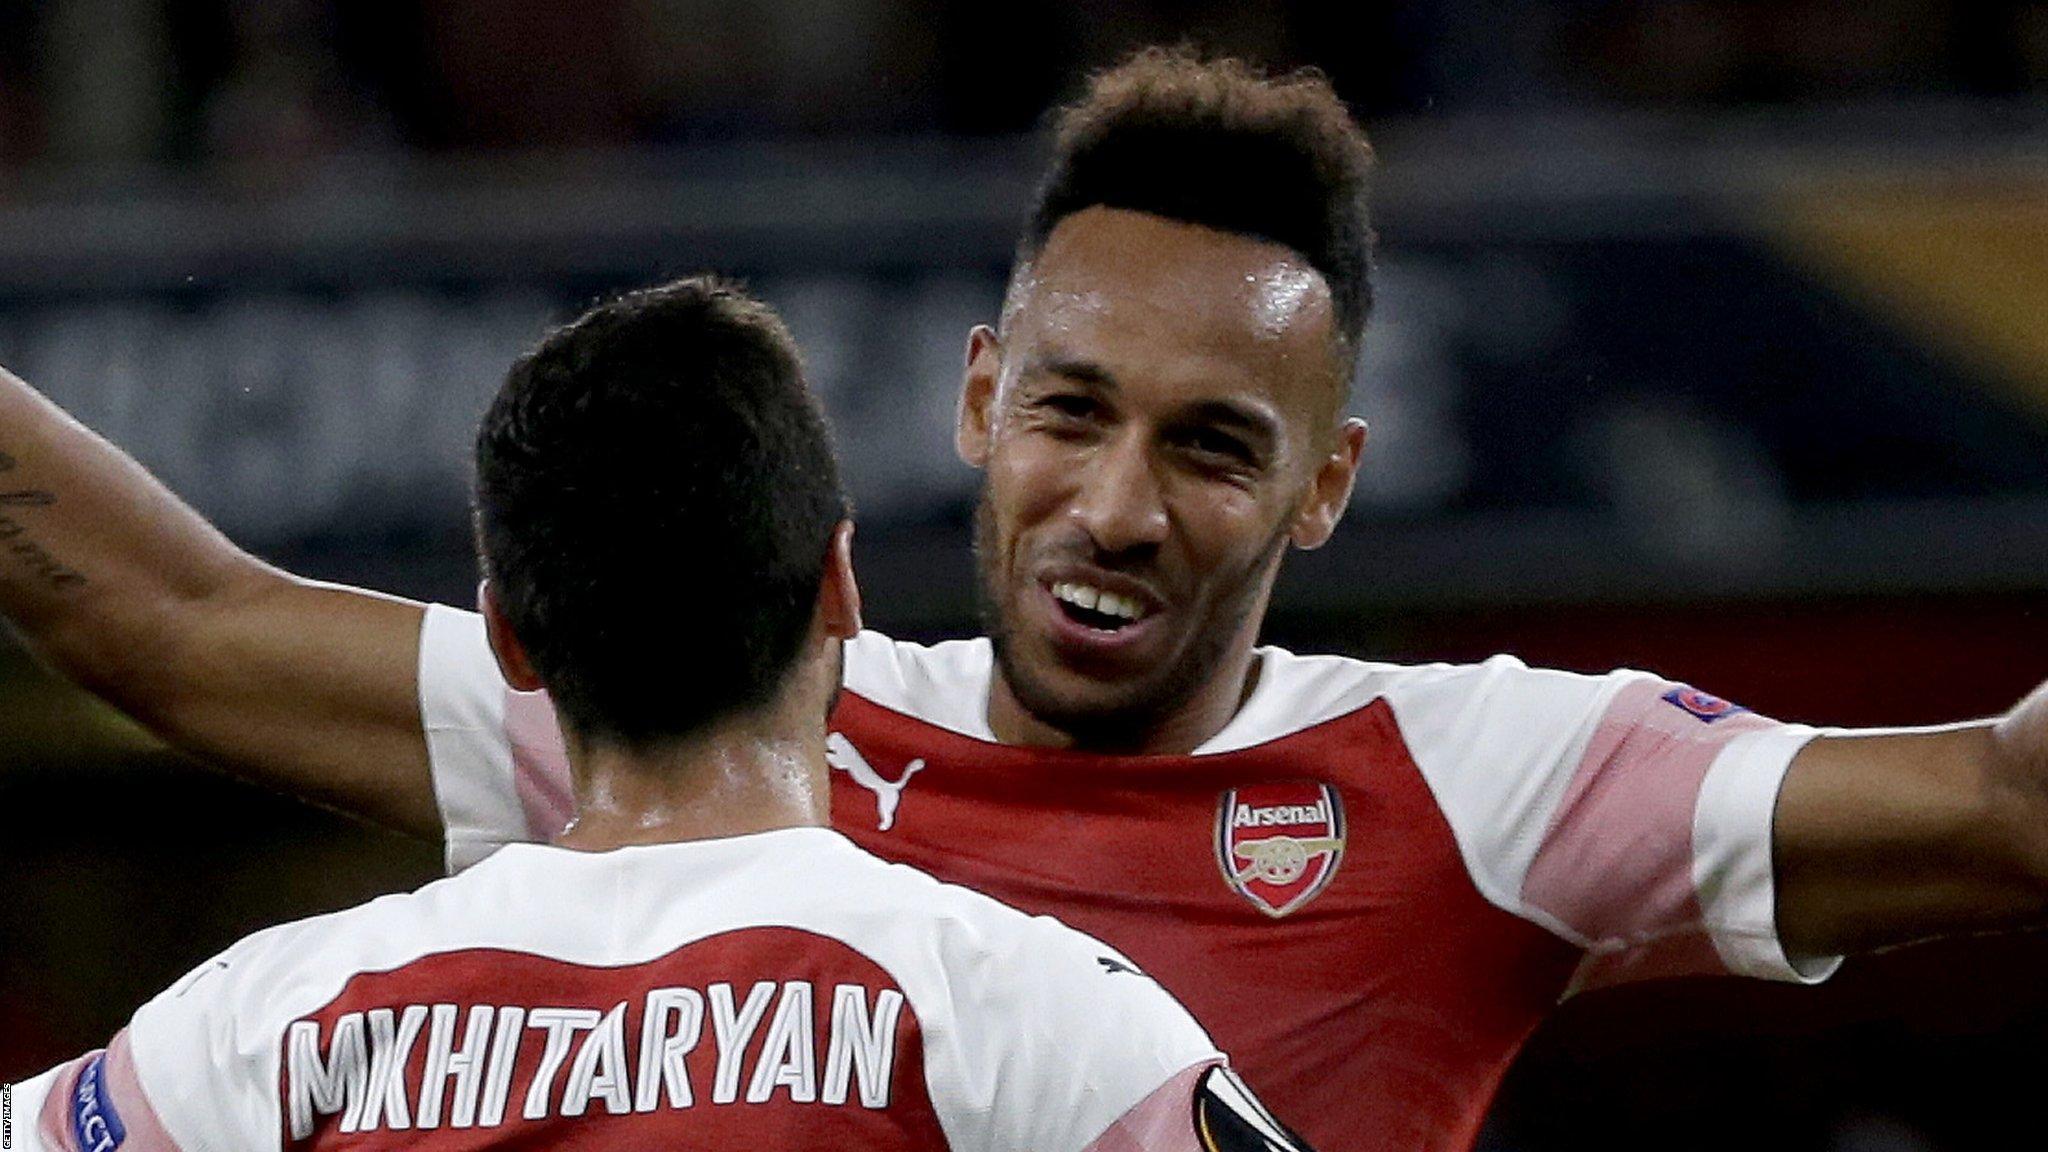 Arsenal 4-2 Vorskla Poltava: Gunners cruise to Europa League win